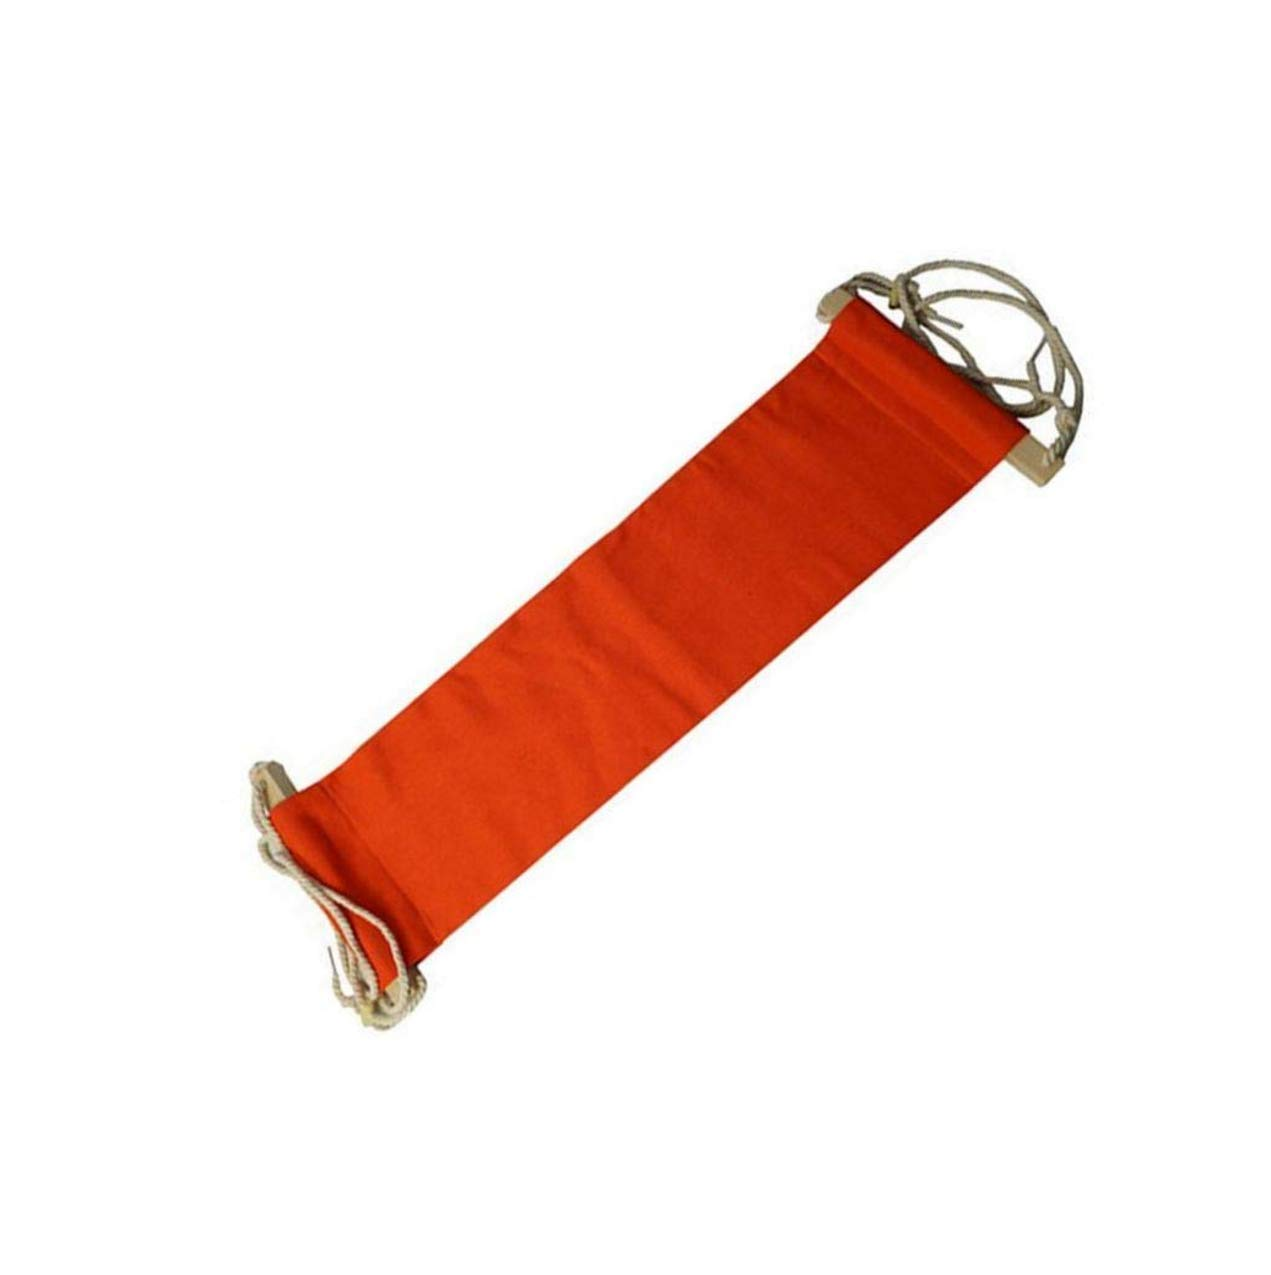 Olayer, mini poggiapiedi da ufficio; supporto da scrivania per piedi; amaca per piedi arancione GEEKFACTORY GAW-059